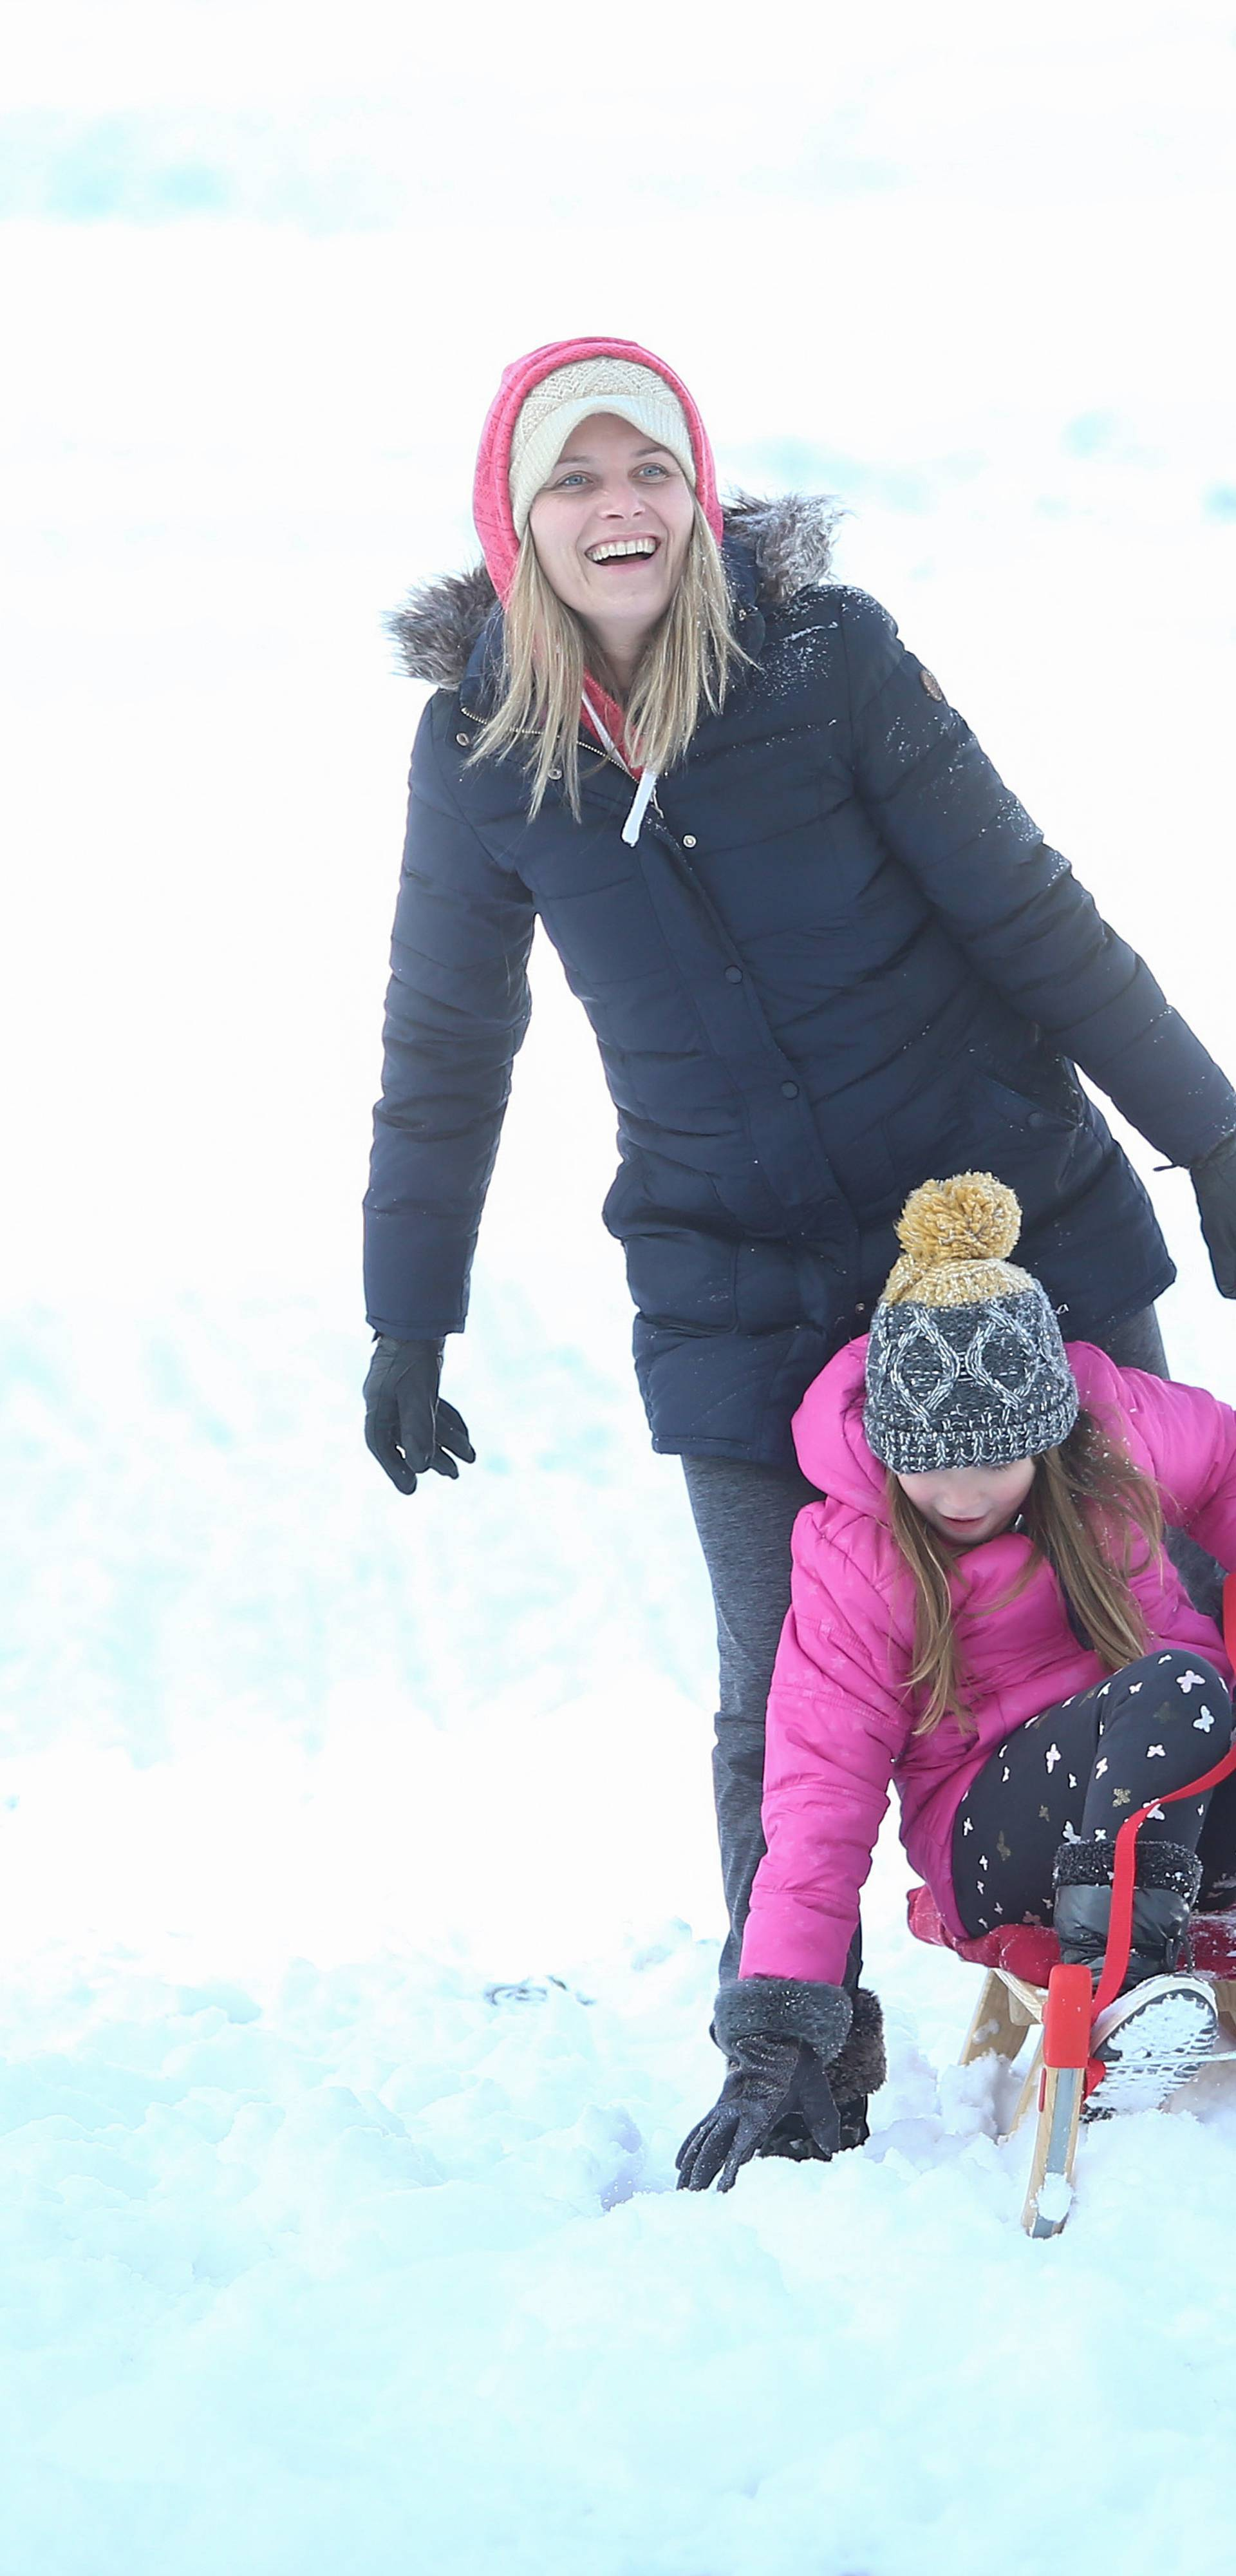 Sunčana subota i snijeg na Sljemenu prava su kombinacija za dobar provod